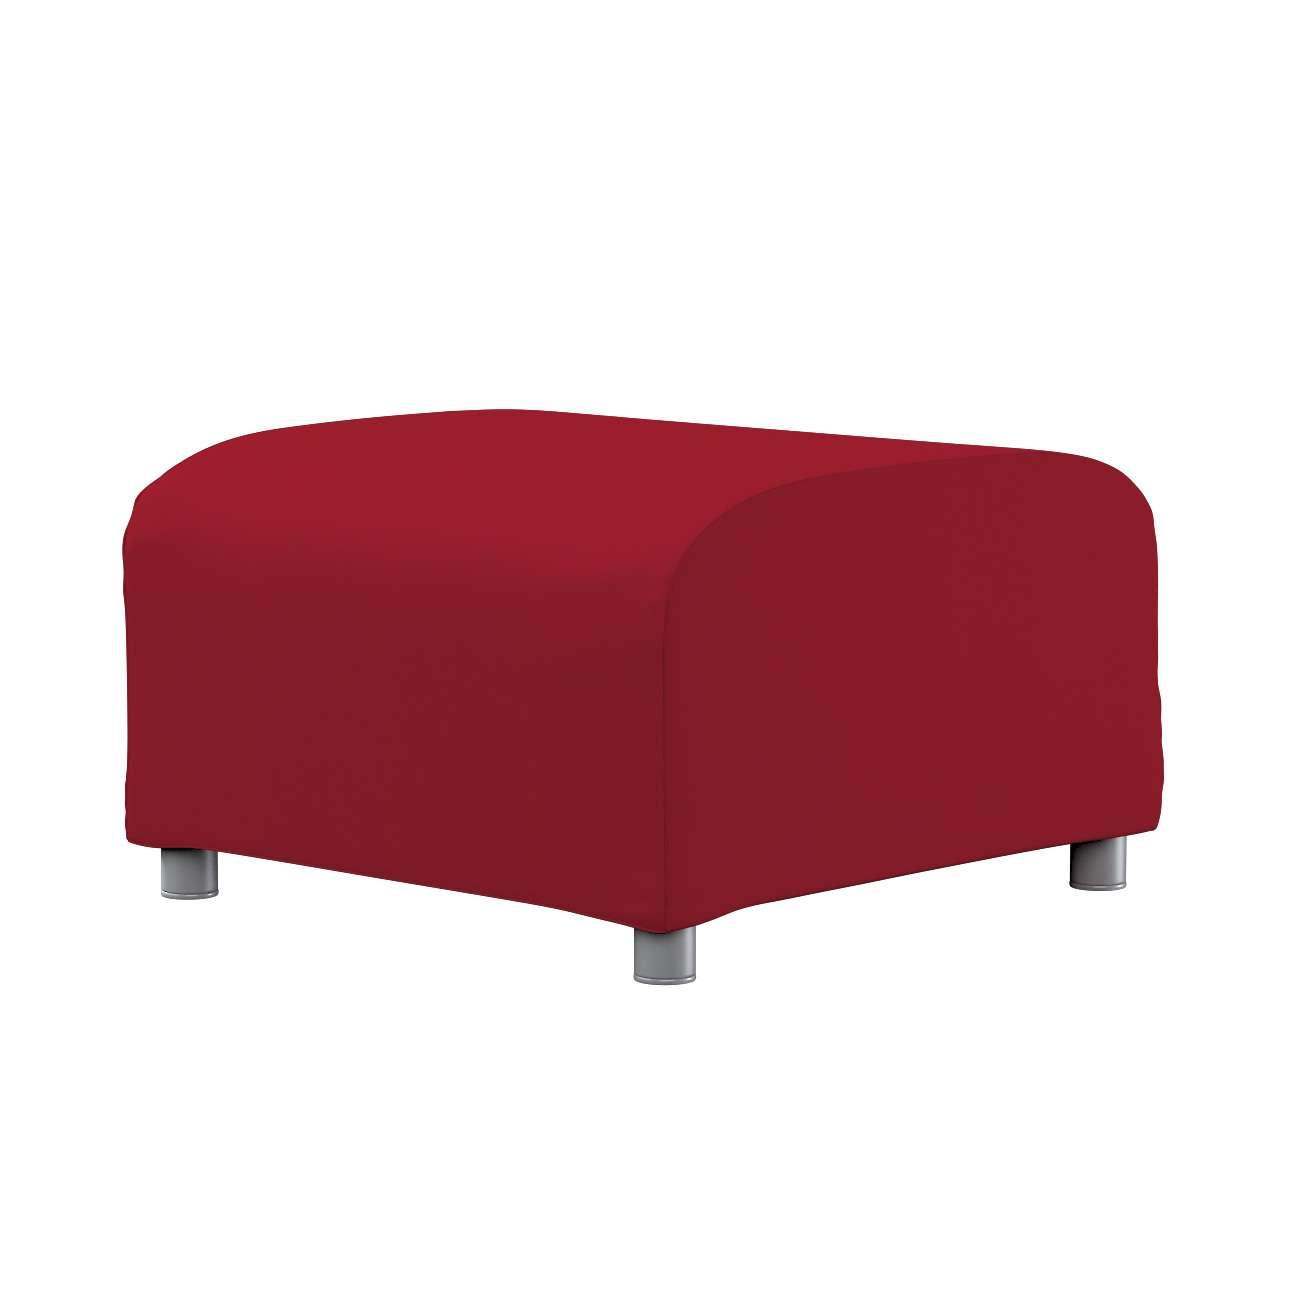 KLIPPAN pufo užvalkalas Klippan footstool cover kolekcijoje Chenille, audinys: 702-24